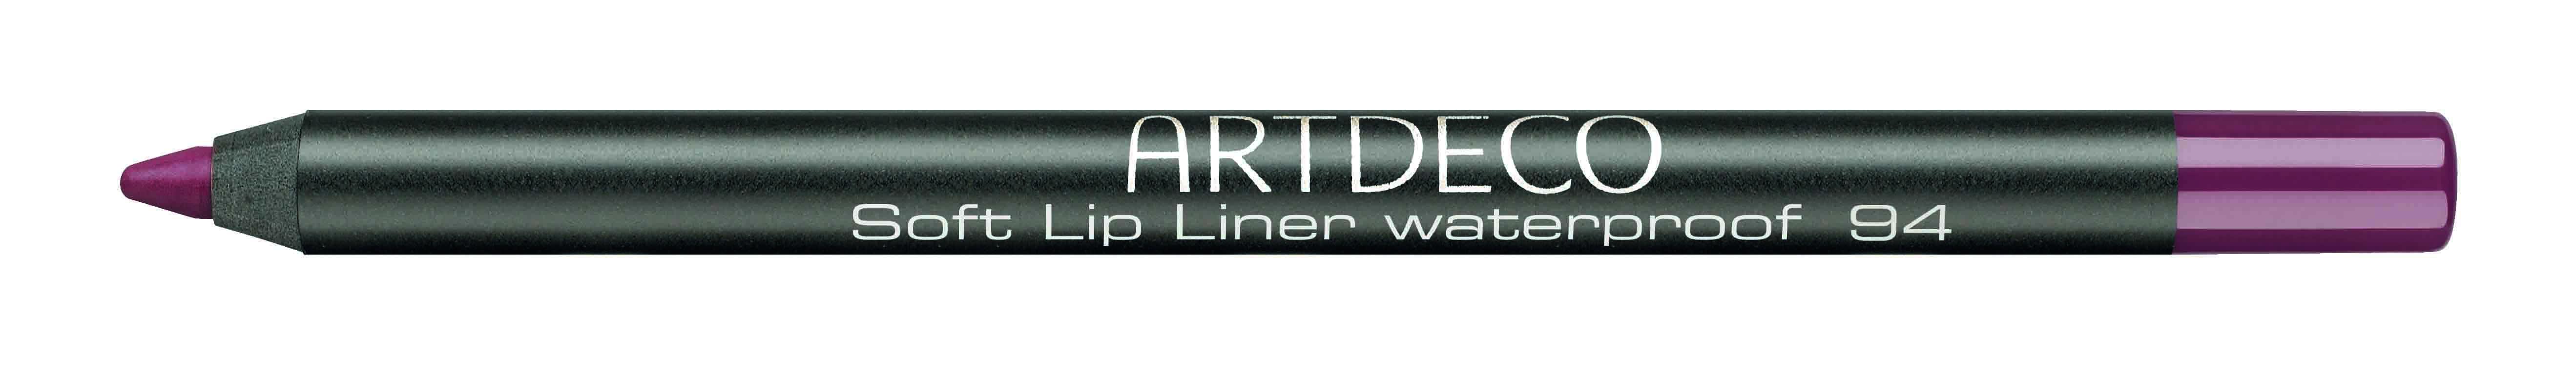 Artdeco карандаш для губ водостойкий 94 1,2гУТ000001887_MedusaКонтур со стойкой текстурой и насыщенным цветом не позволяет растекаться помаде или блеску, помогает сделать чувственный макияж губ.